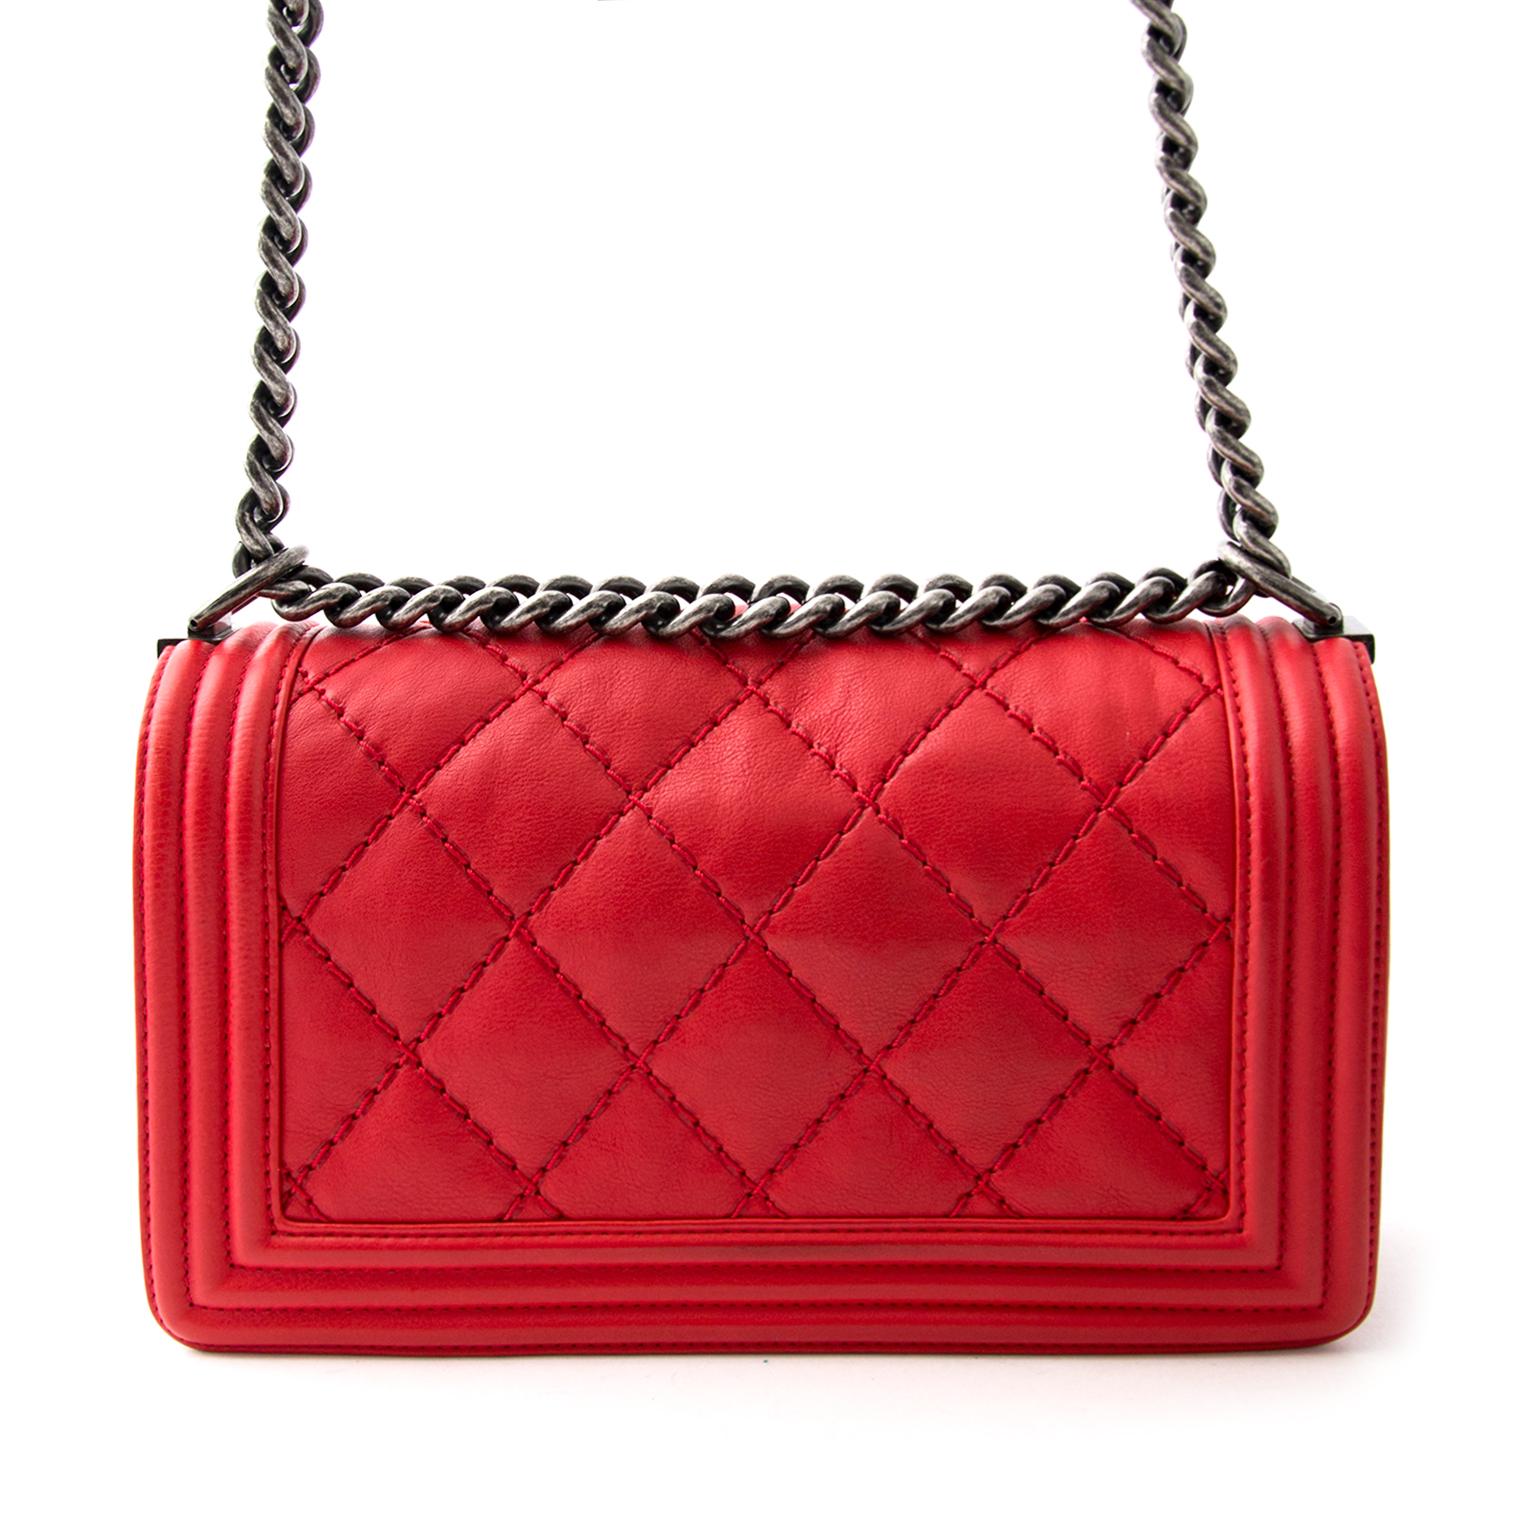 koop veilig online aan de beste prijs New Chanel Boy Flap Bag Red